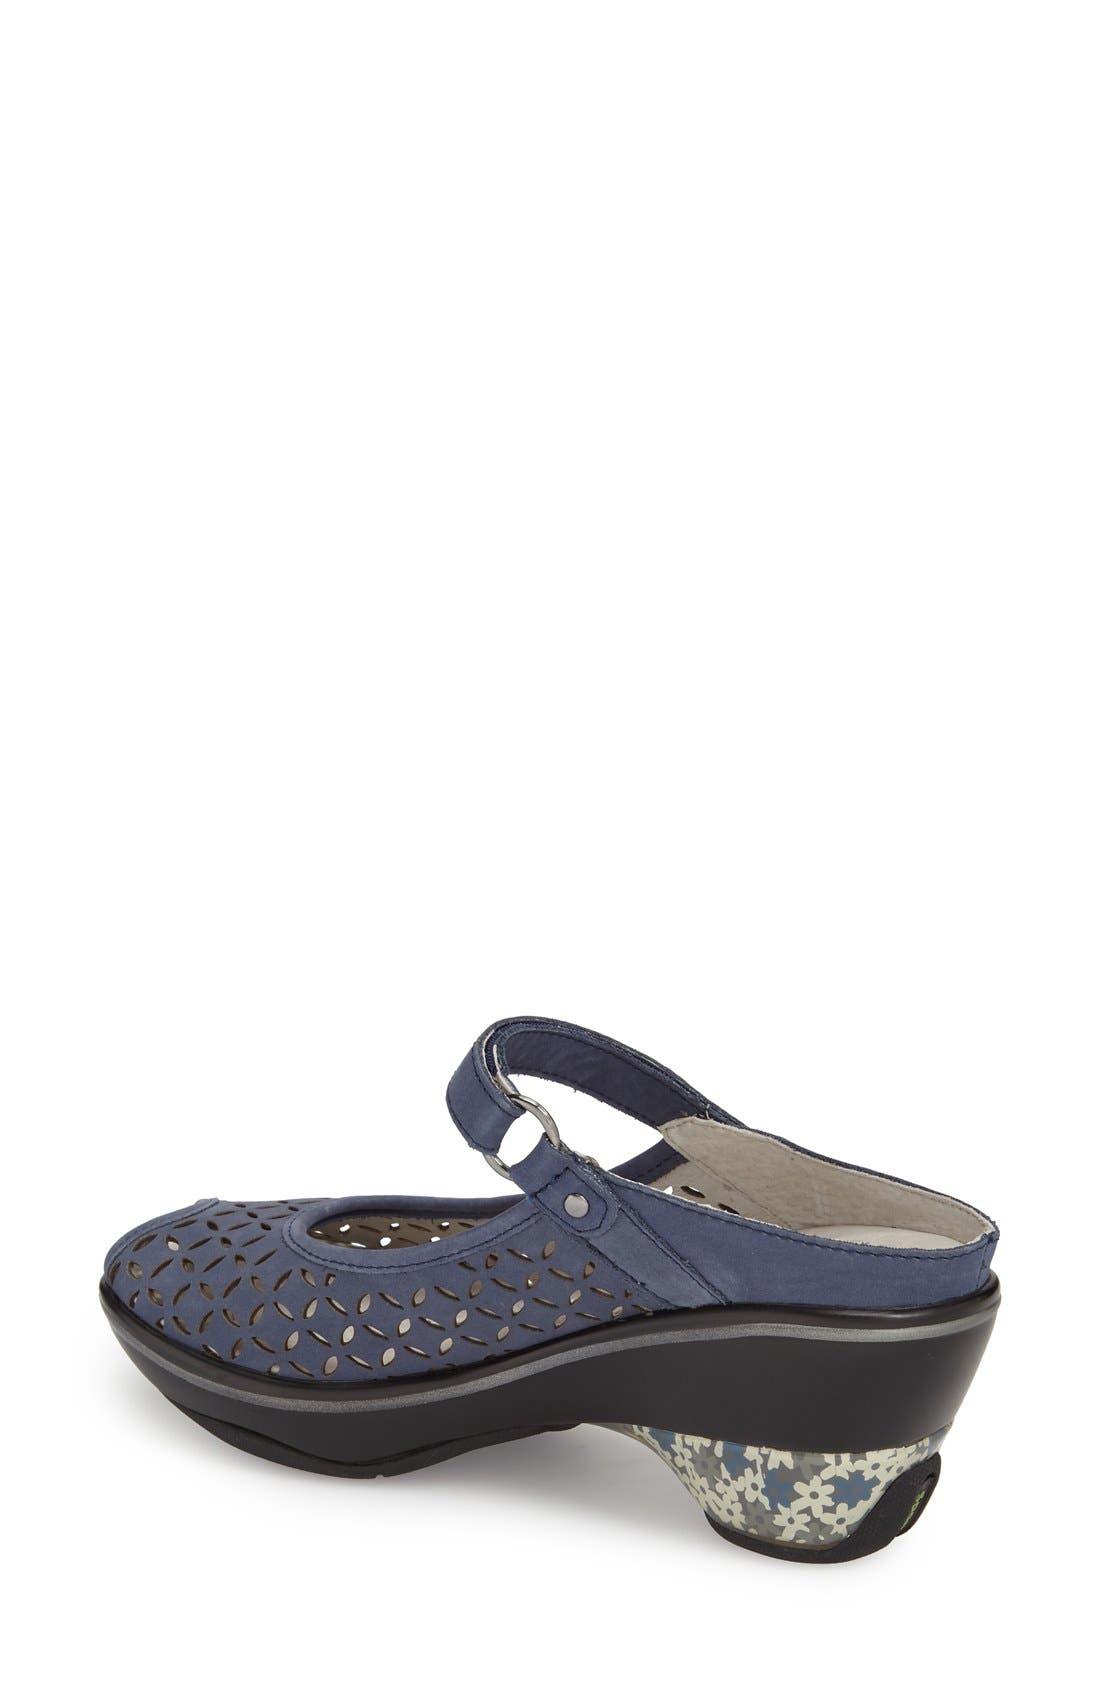 Alternate Image 2  - Jambu 'Journey Too' Peep Toe Sandal